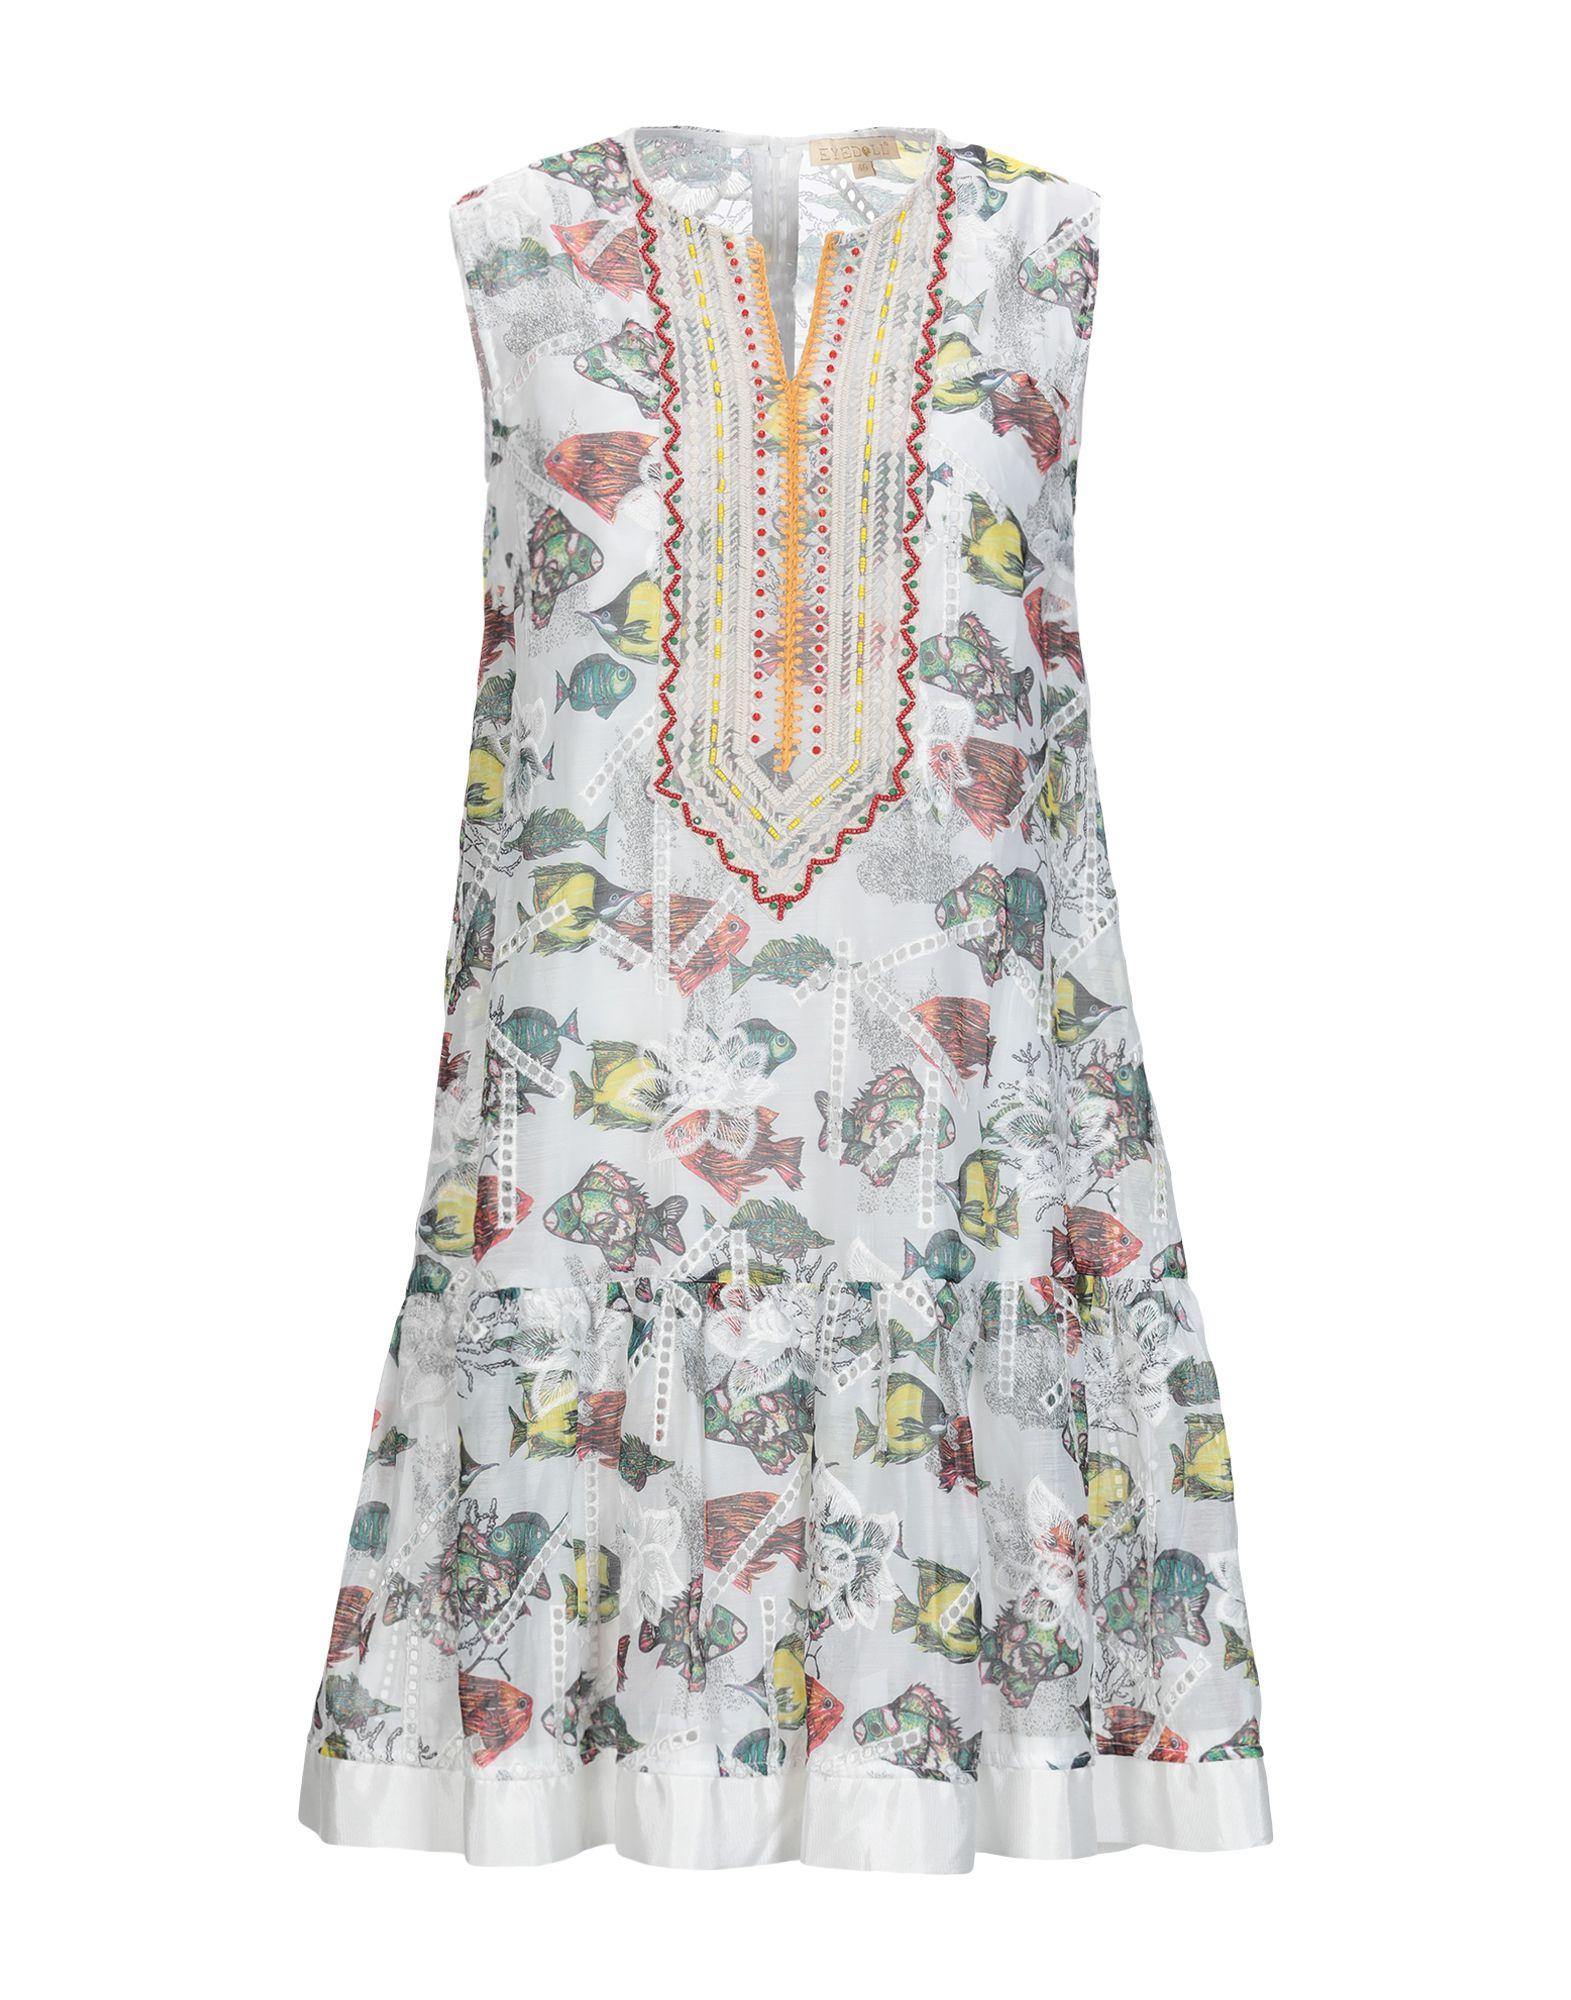 купить EYEDOLL Короткое платье по цене 21000 рублей